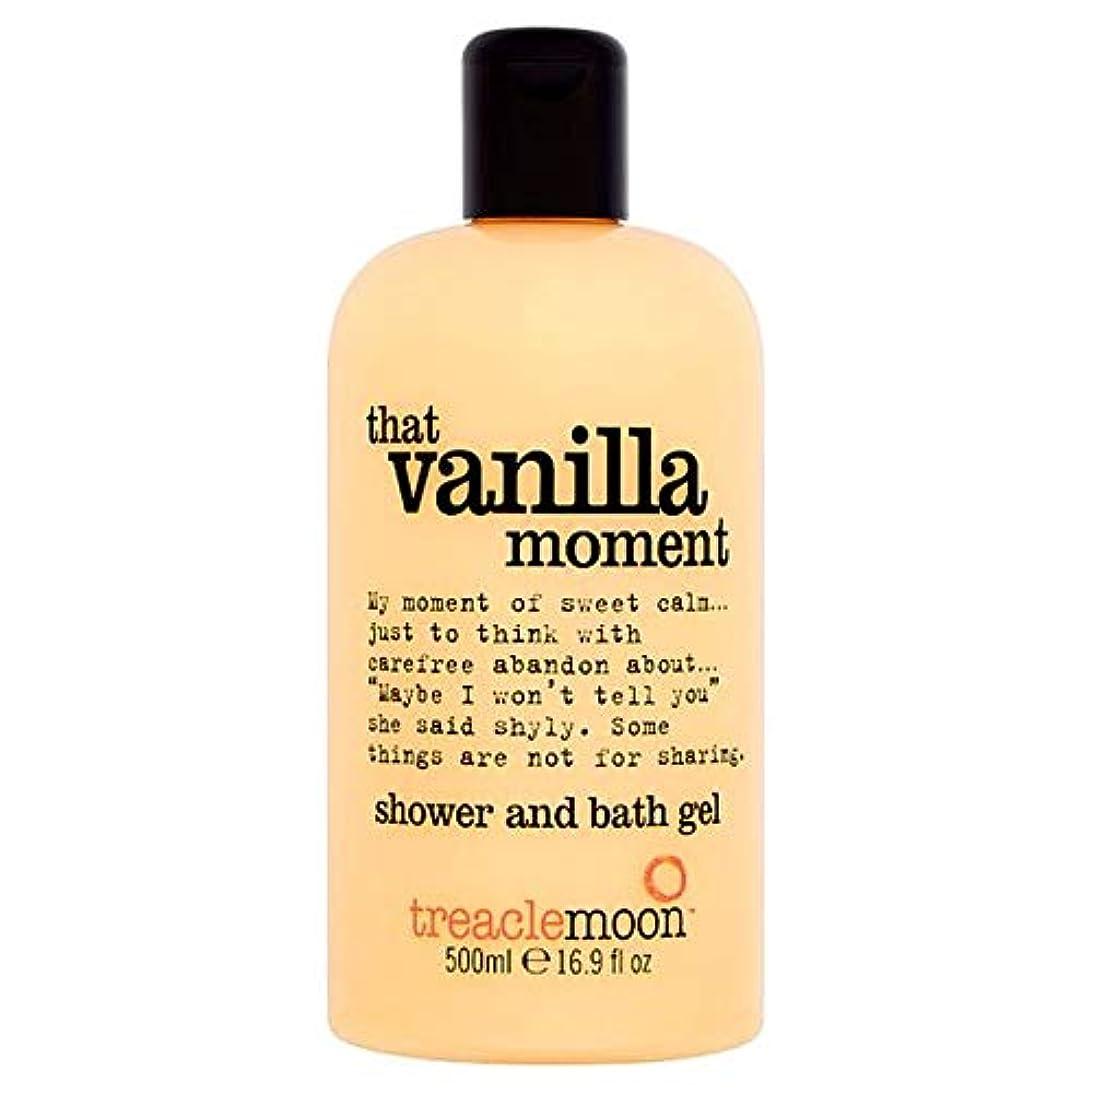 ゴールドライン怒っている[Treacle Moon ] Treaclemoonバニラ風呂とシャワージェル500ミリリットル - Treaclemoon Vanilla Bath And Shower Gel 500Ml [並行輸入品]